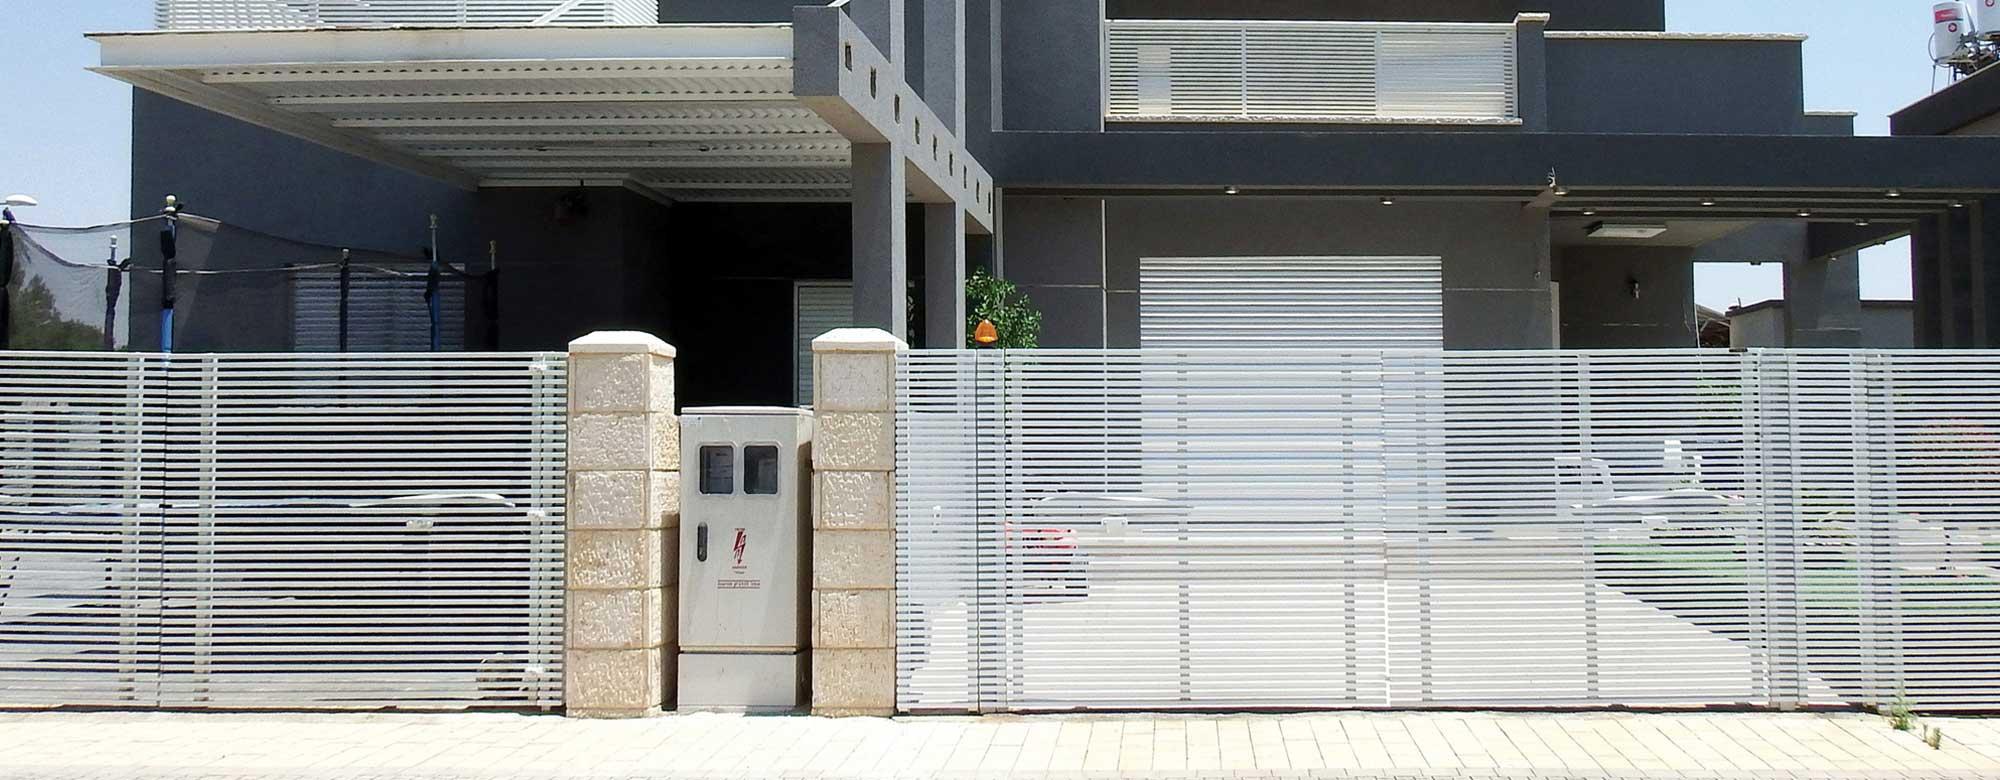 קולקציית השערים בעיצוב מודרני וקלאסי של טרלידור